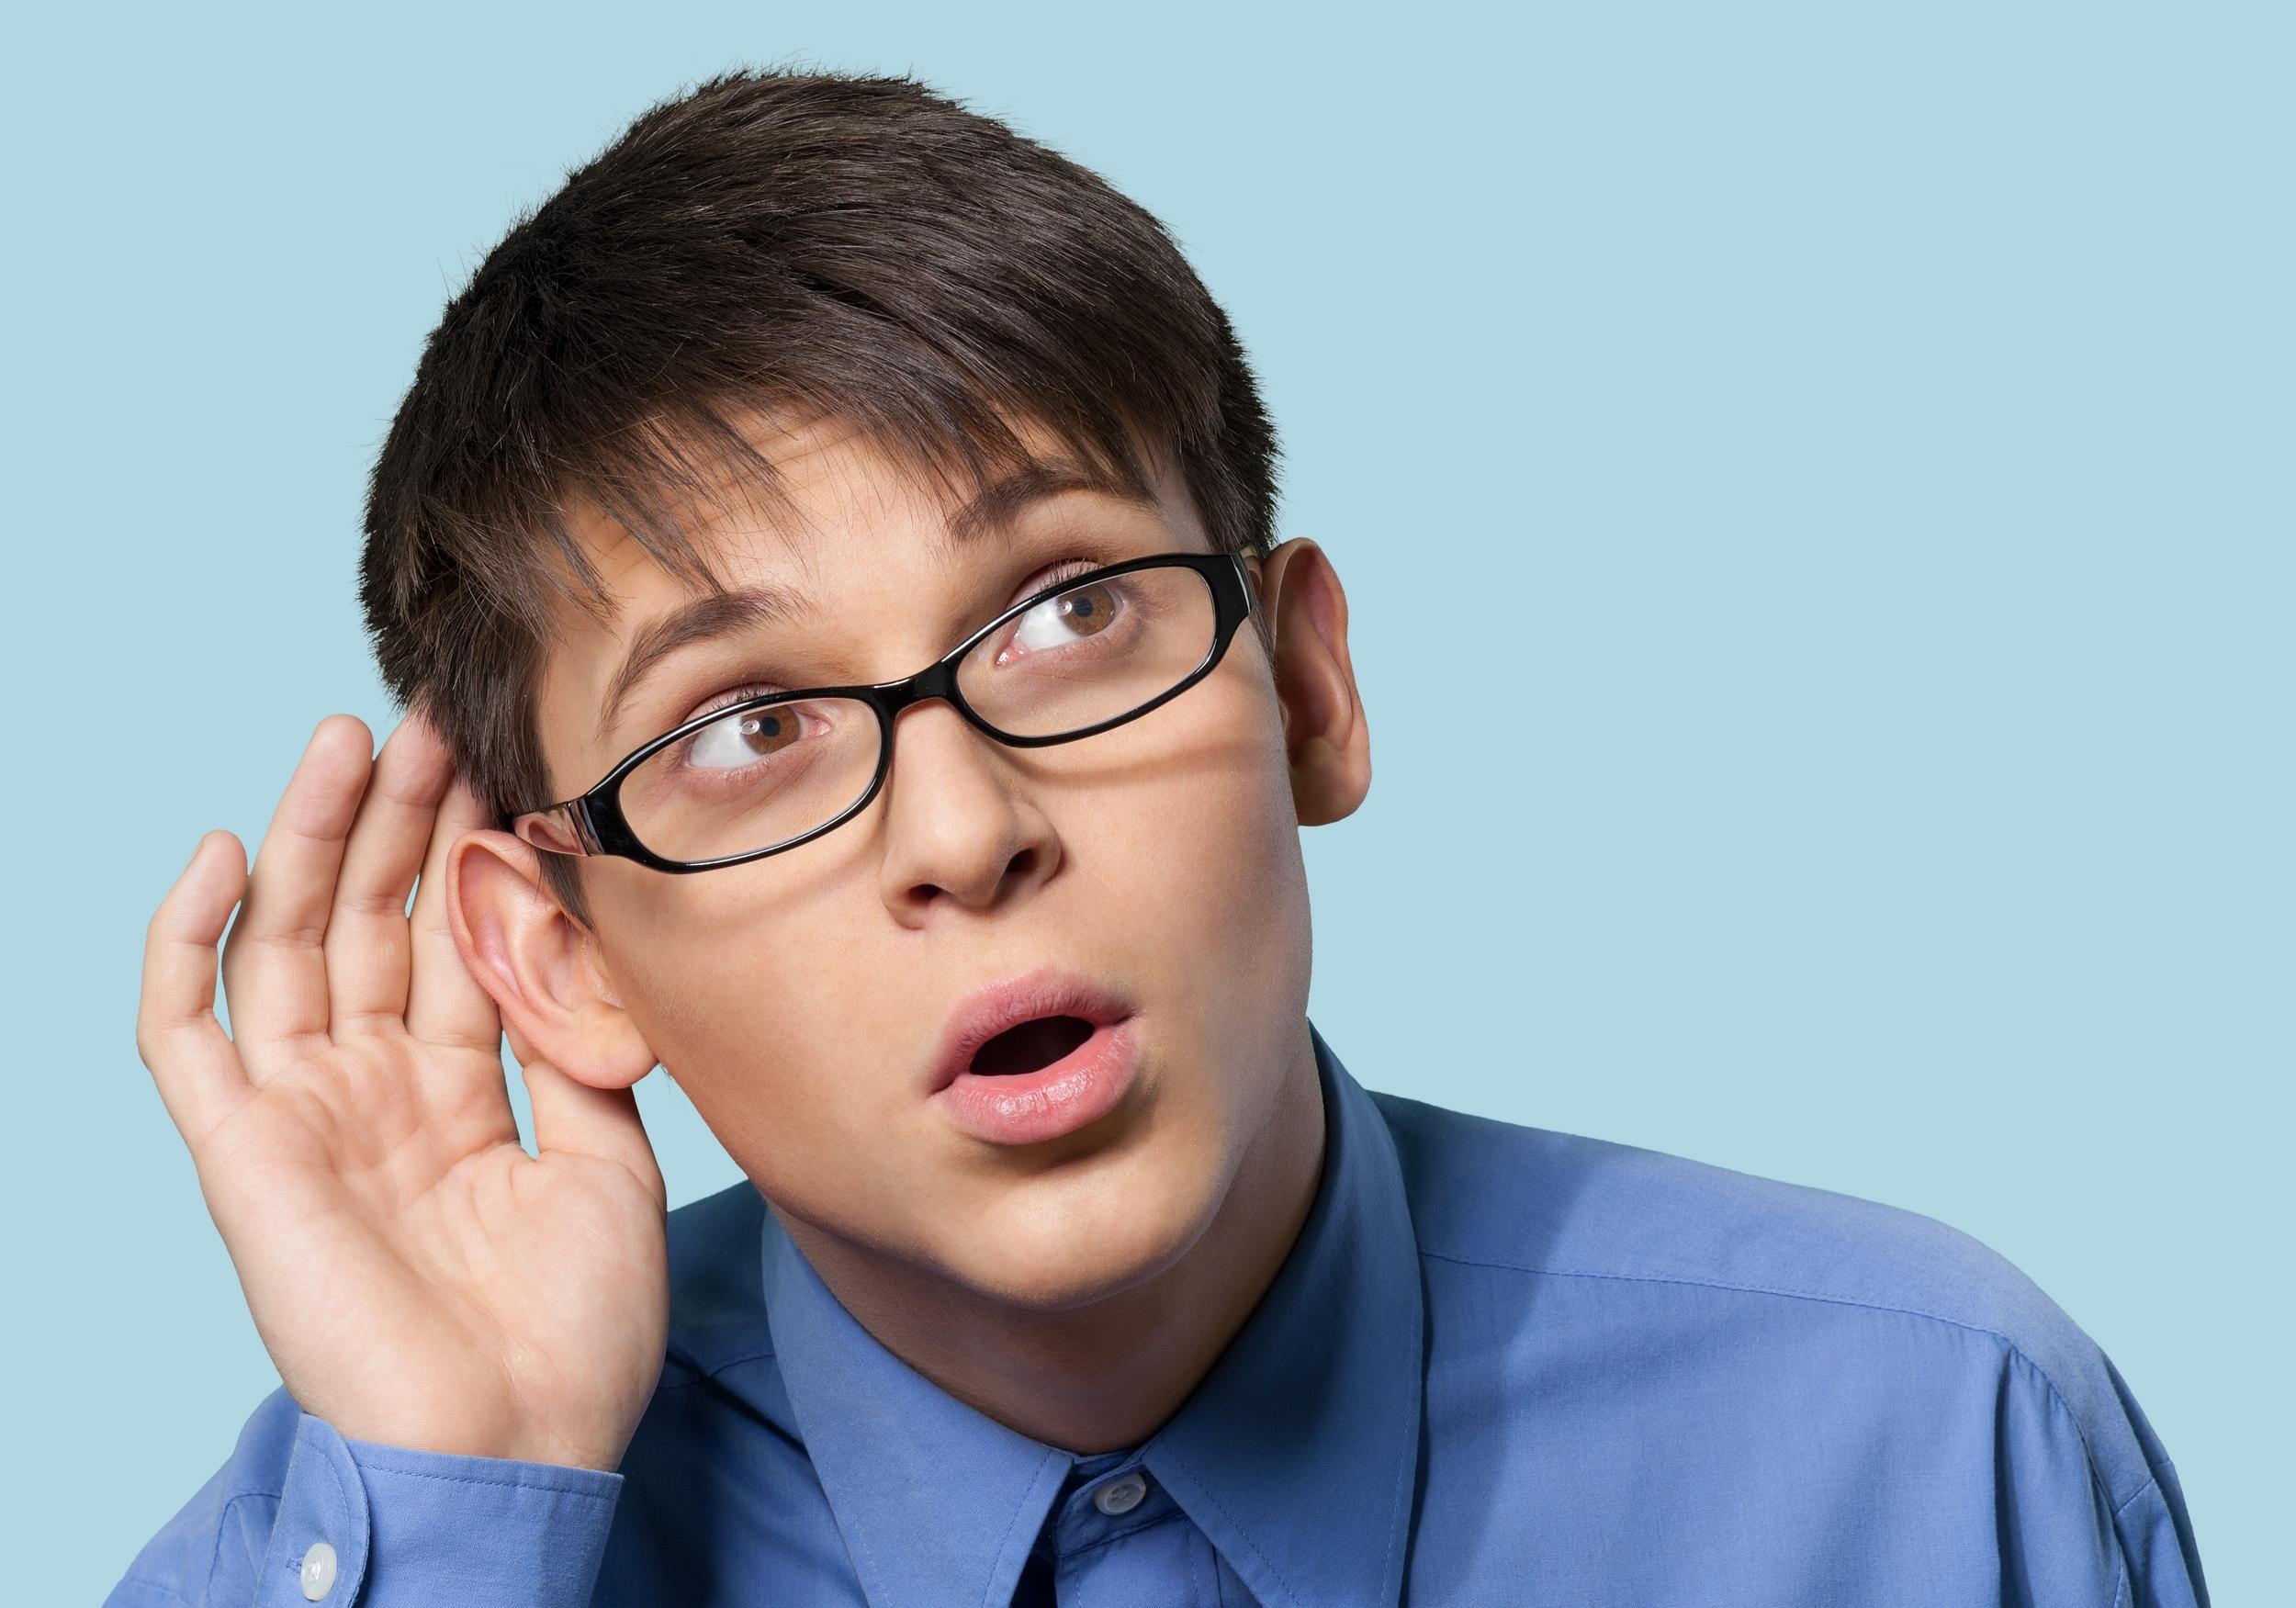 hearing-loss-person